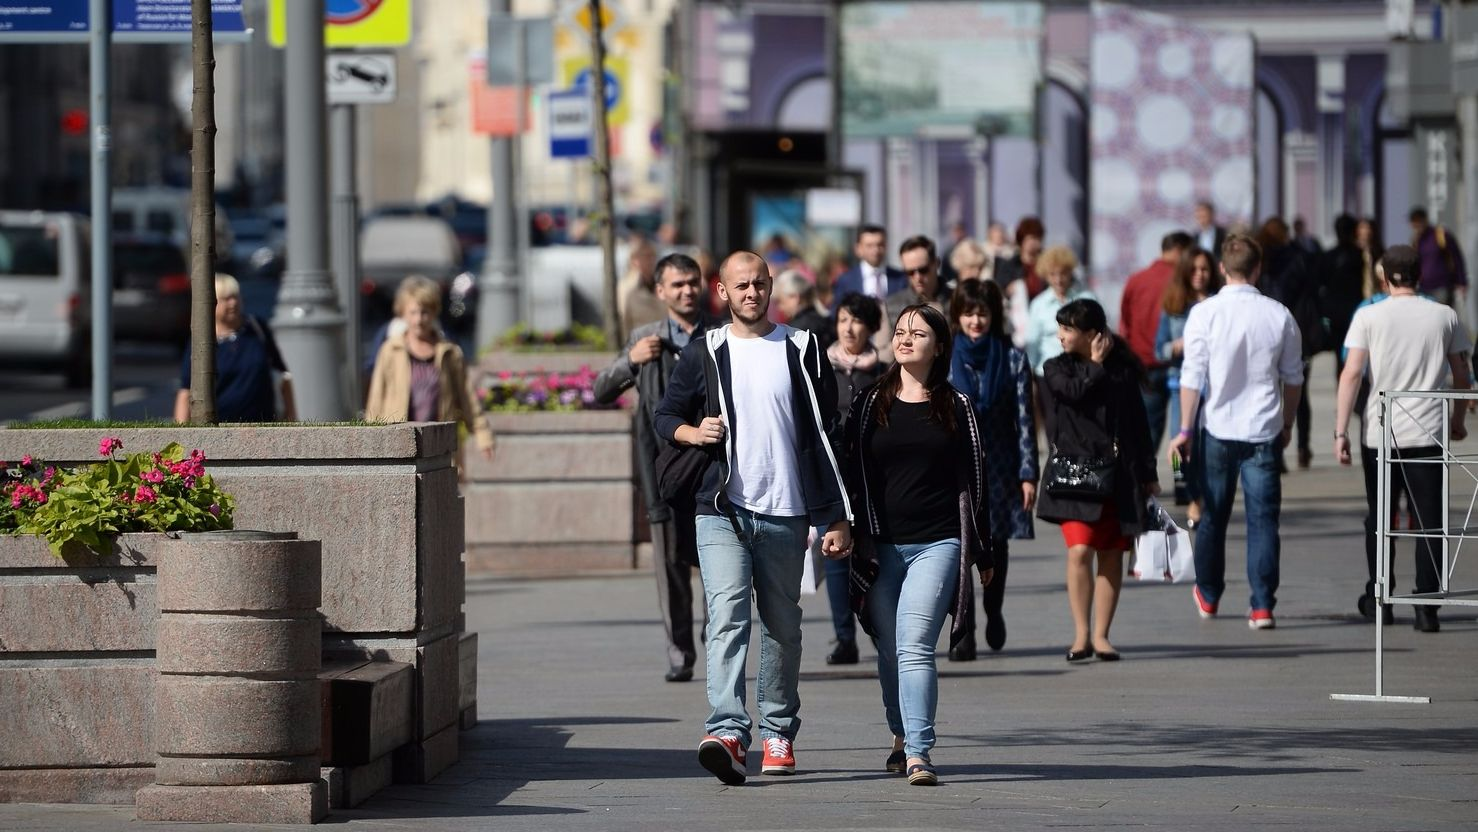 картинка люди на улице москвы присвоил авторство данной